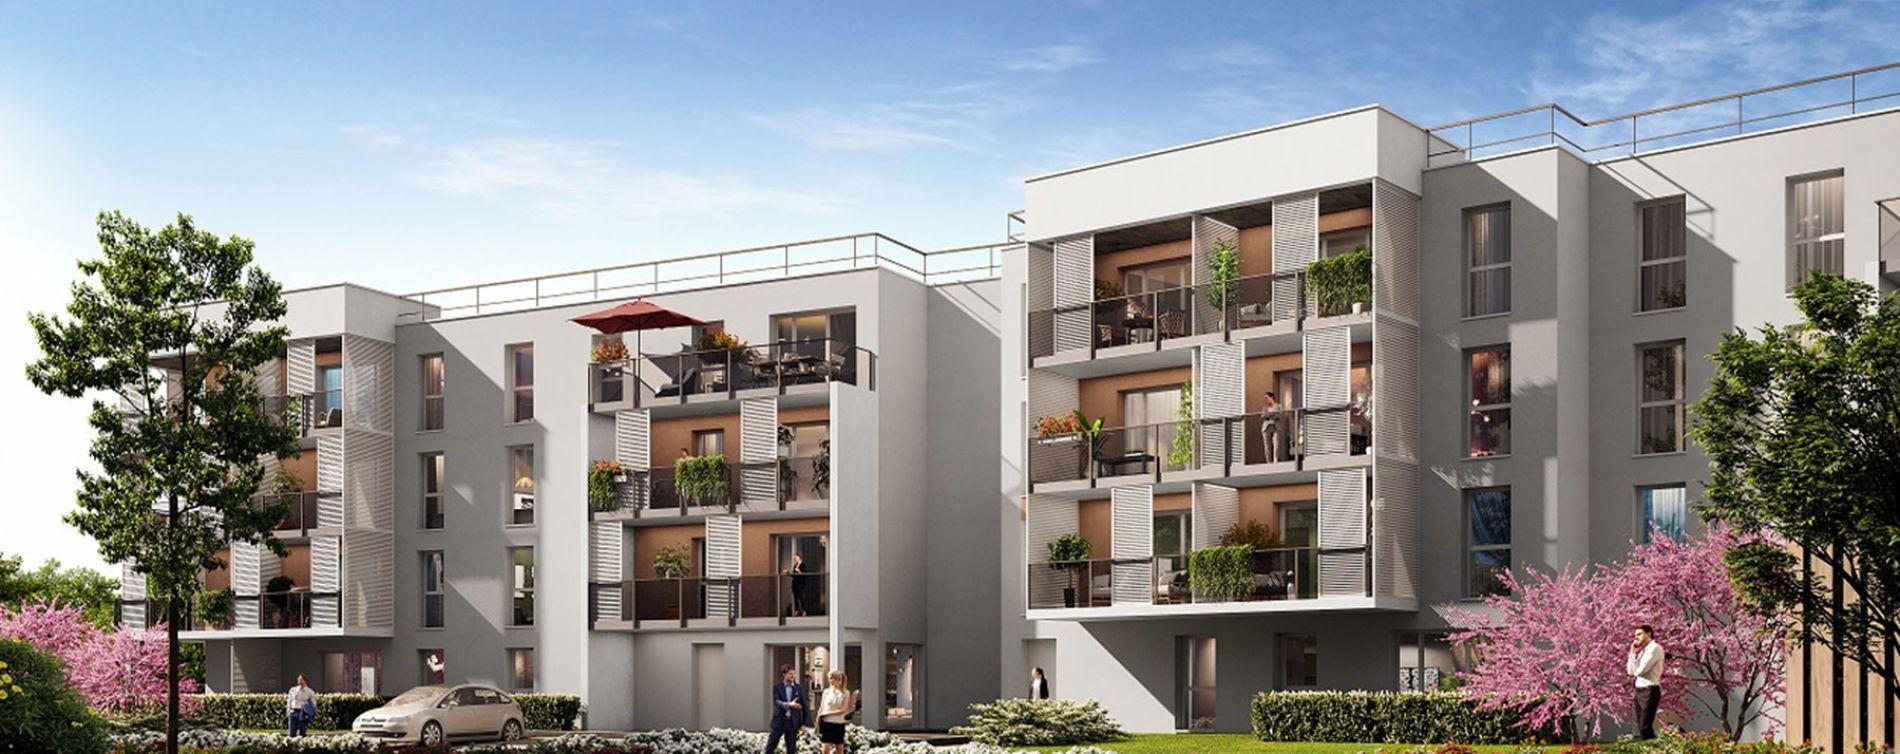 Blainville-sur-Orne : programme immobilier neuve « Rosa Alba » (2)